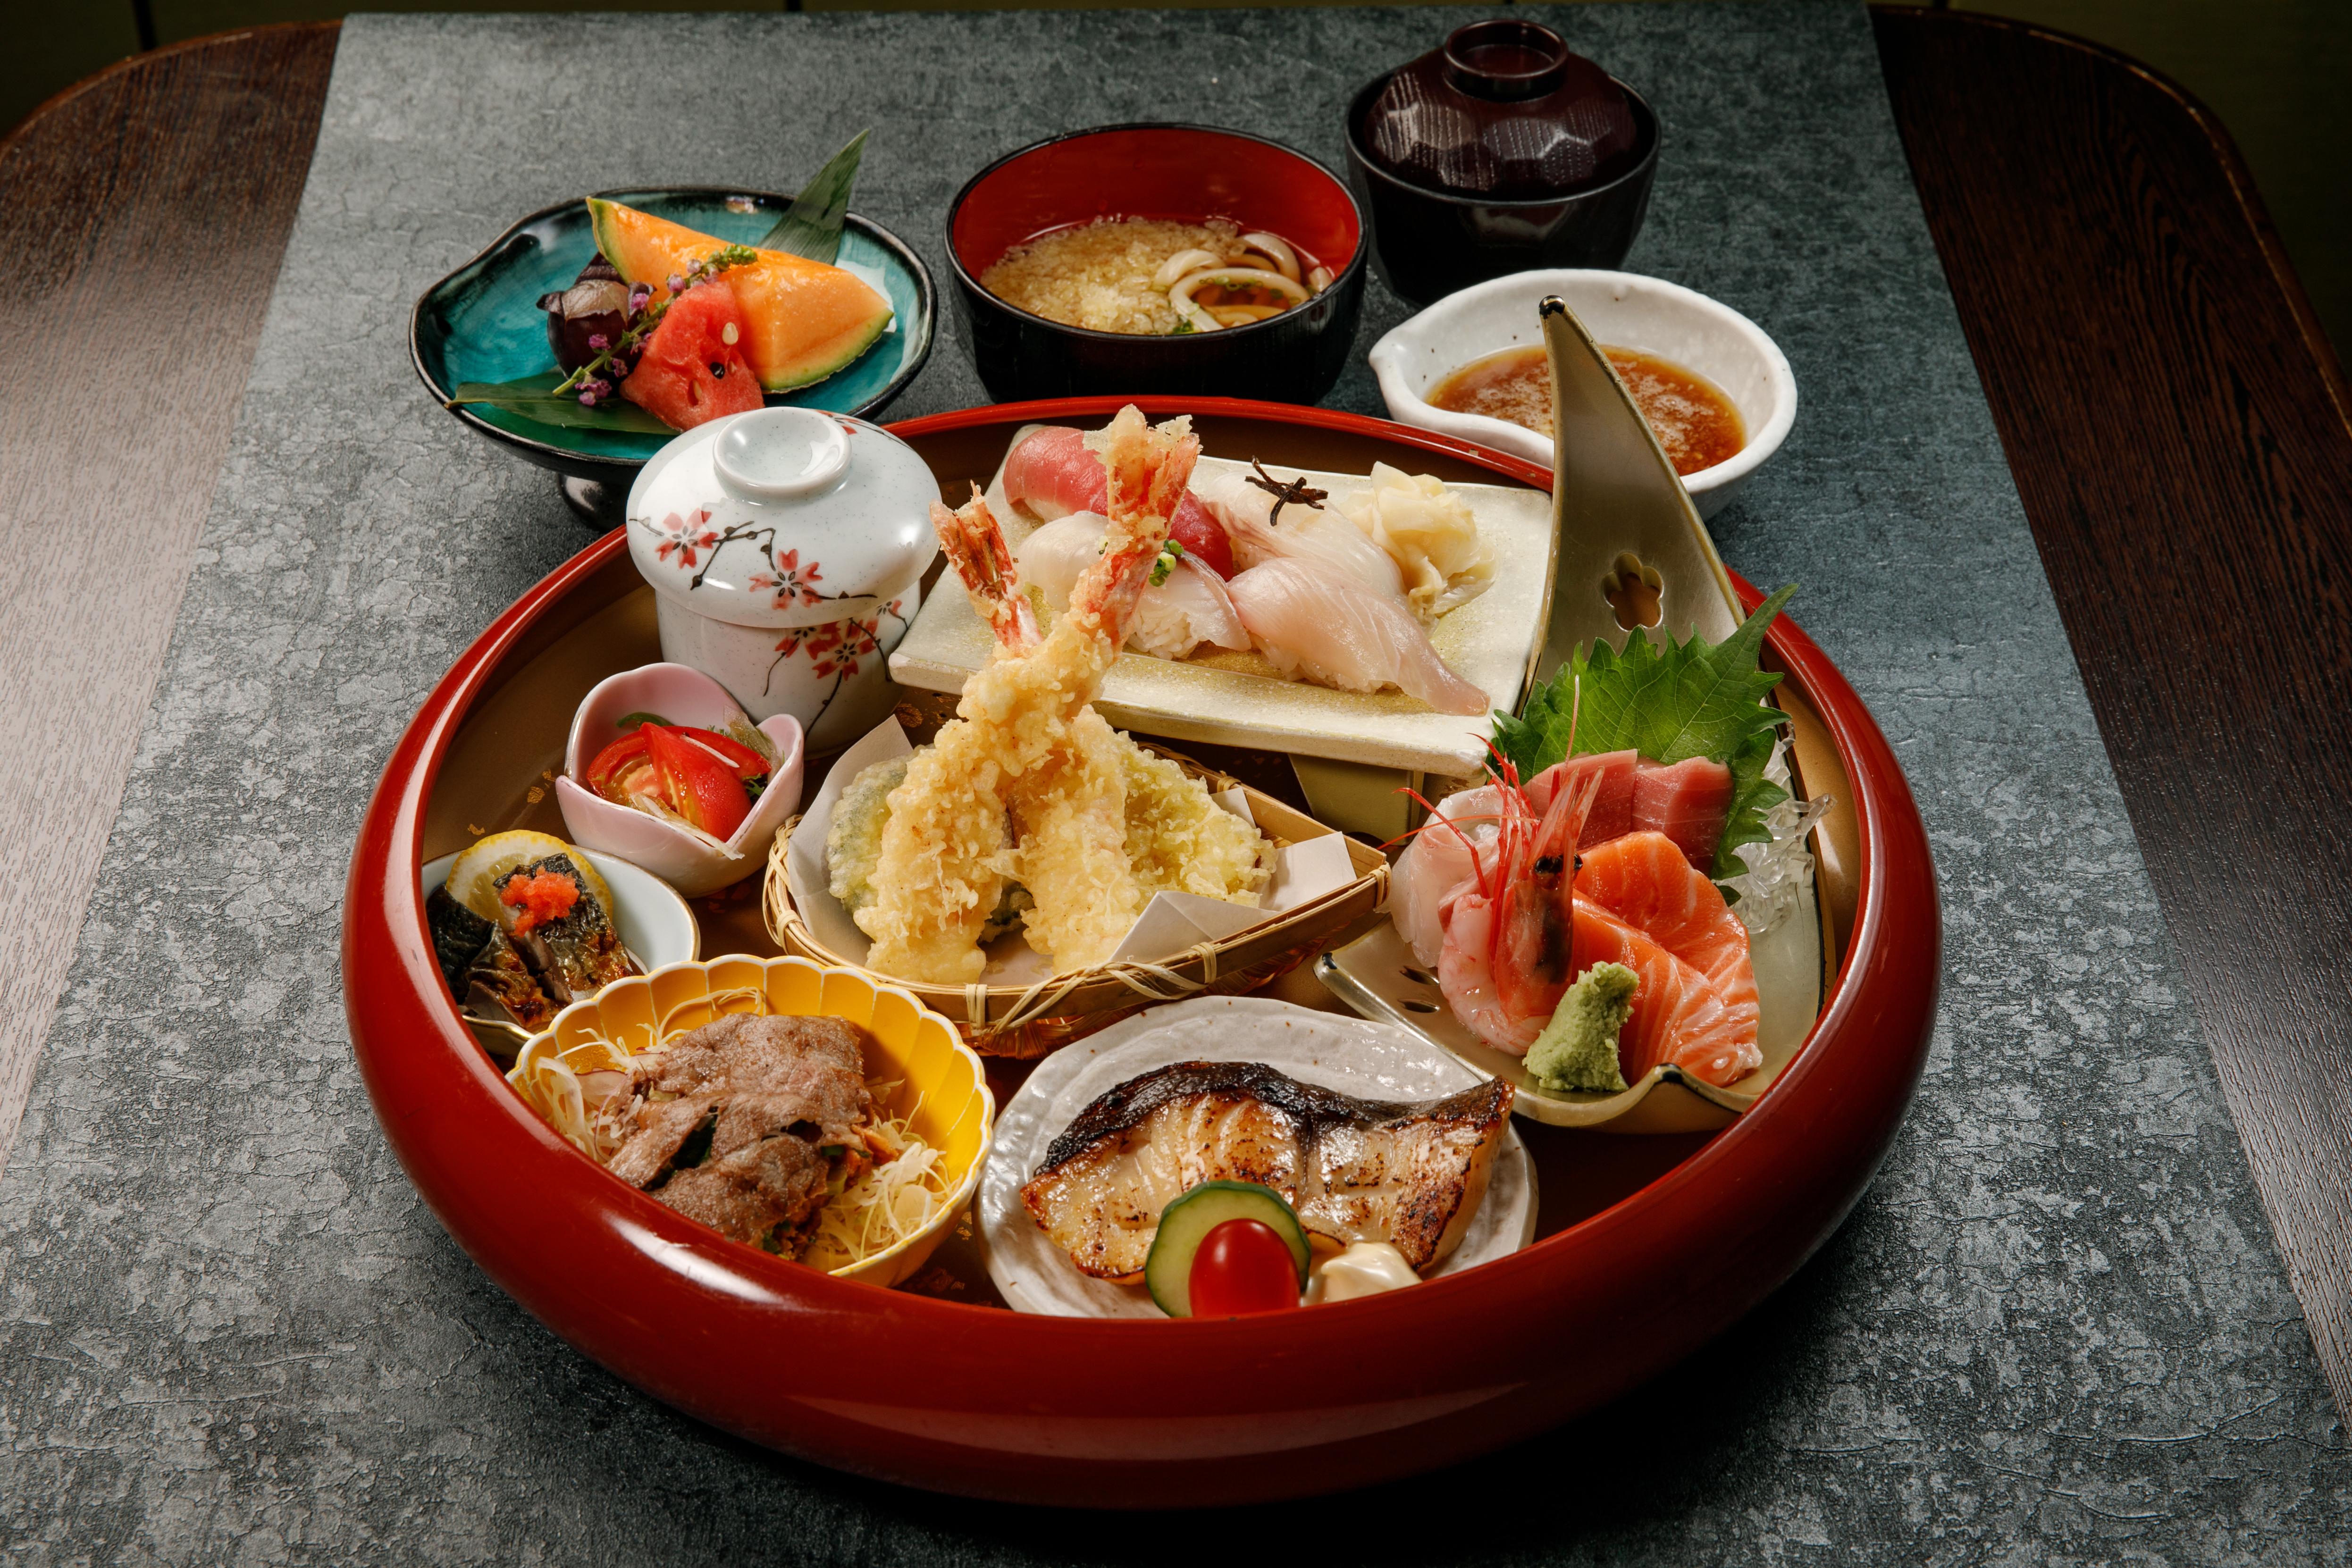 Nishimura Lunch Box